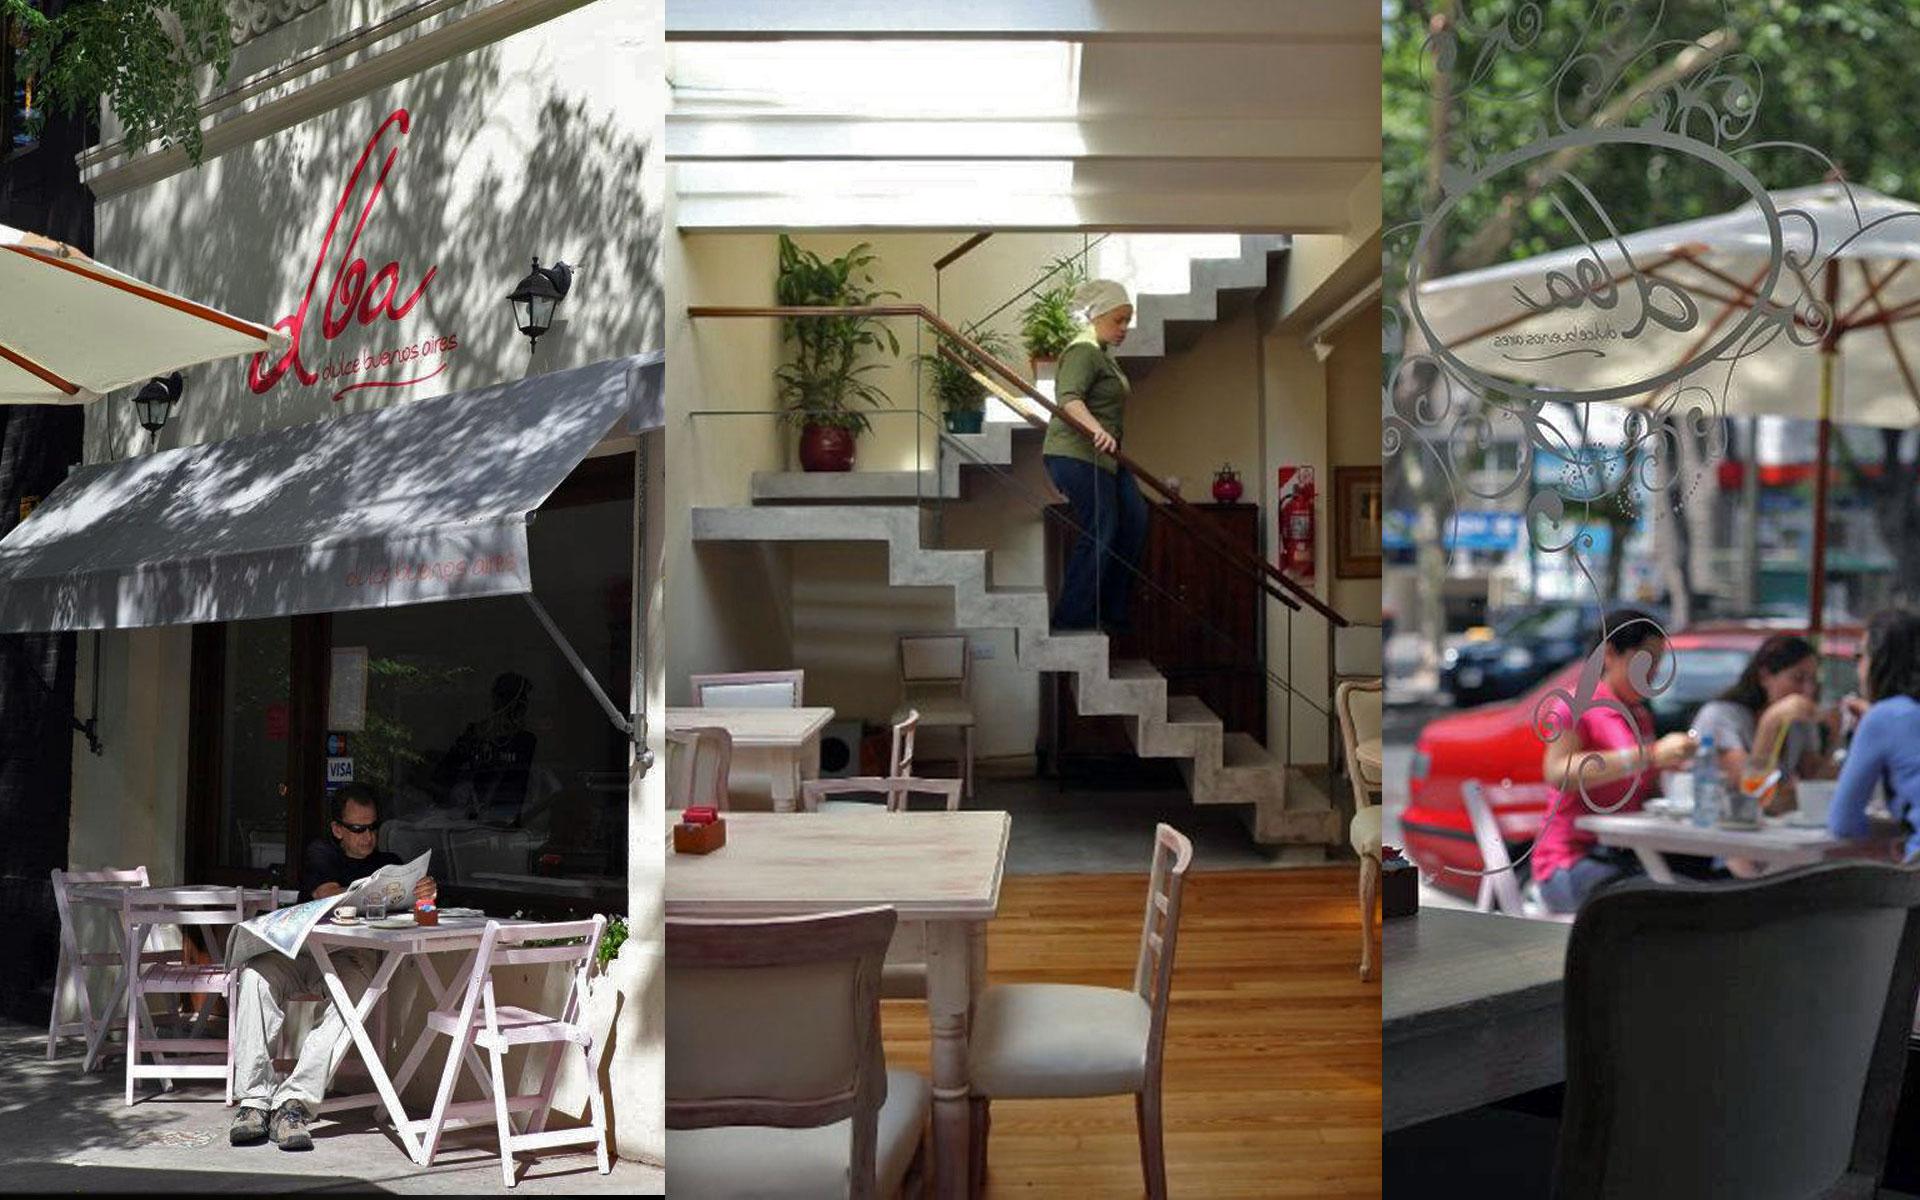 Arquitectura hospitality reforma ph techo de vidrio y escalera de hormigón